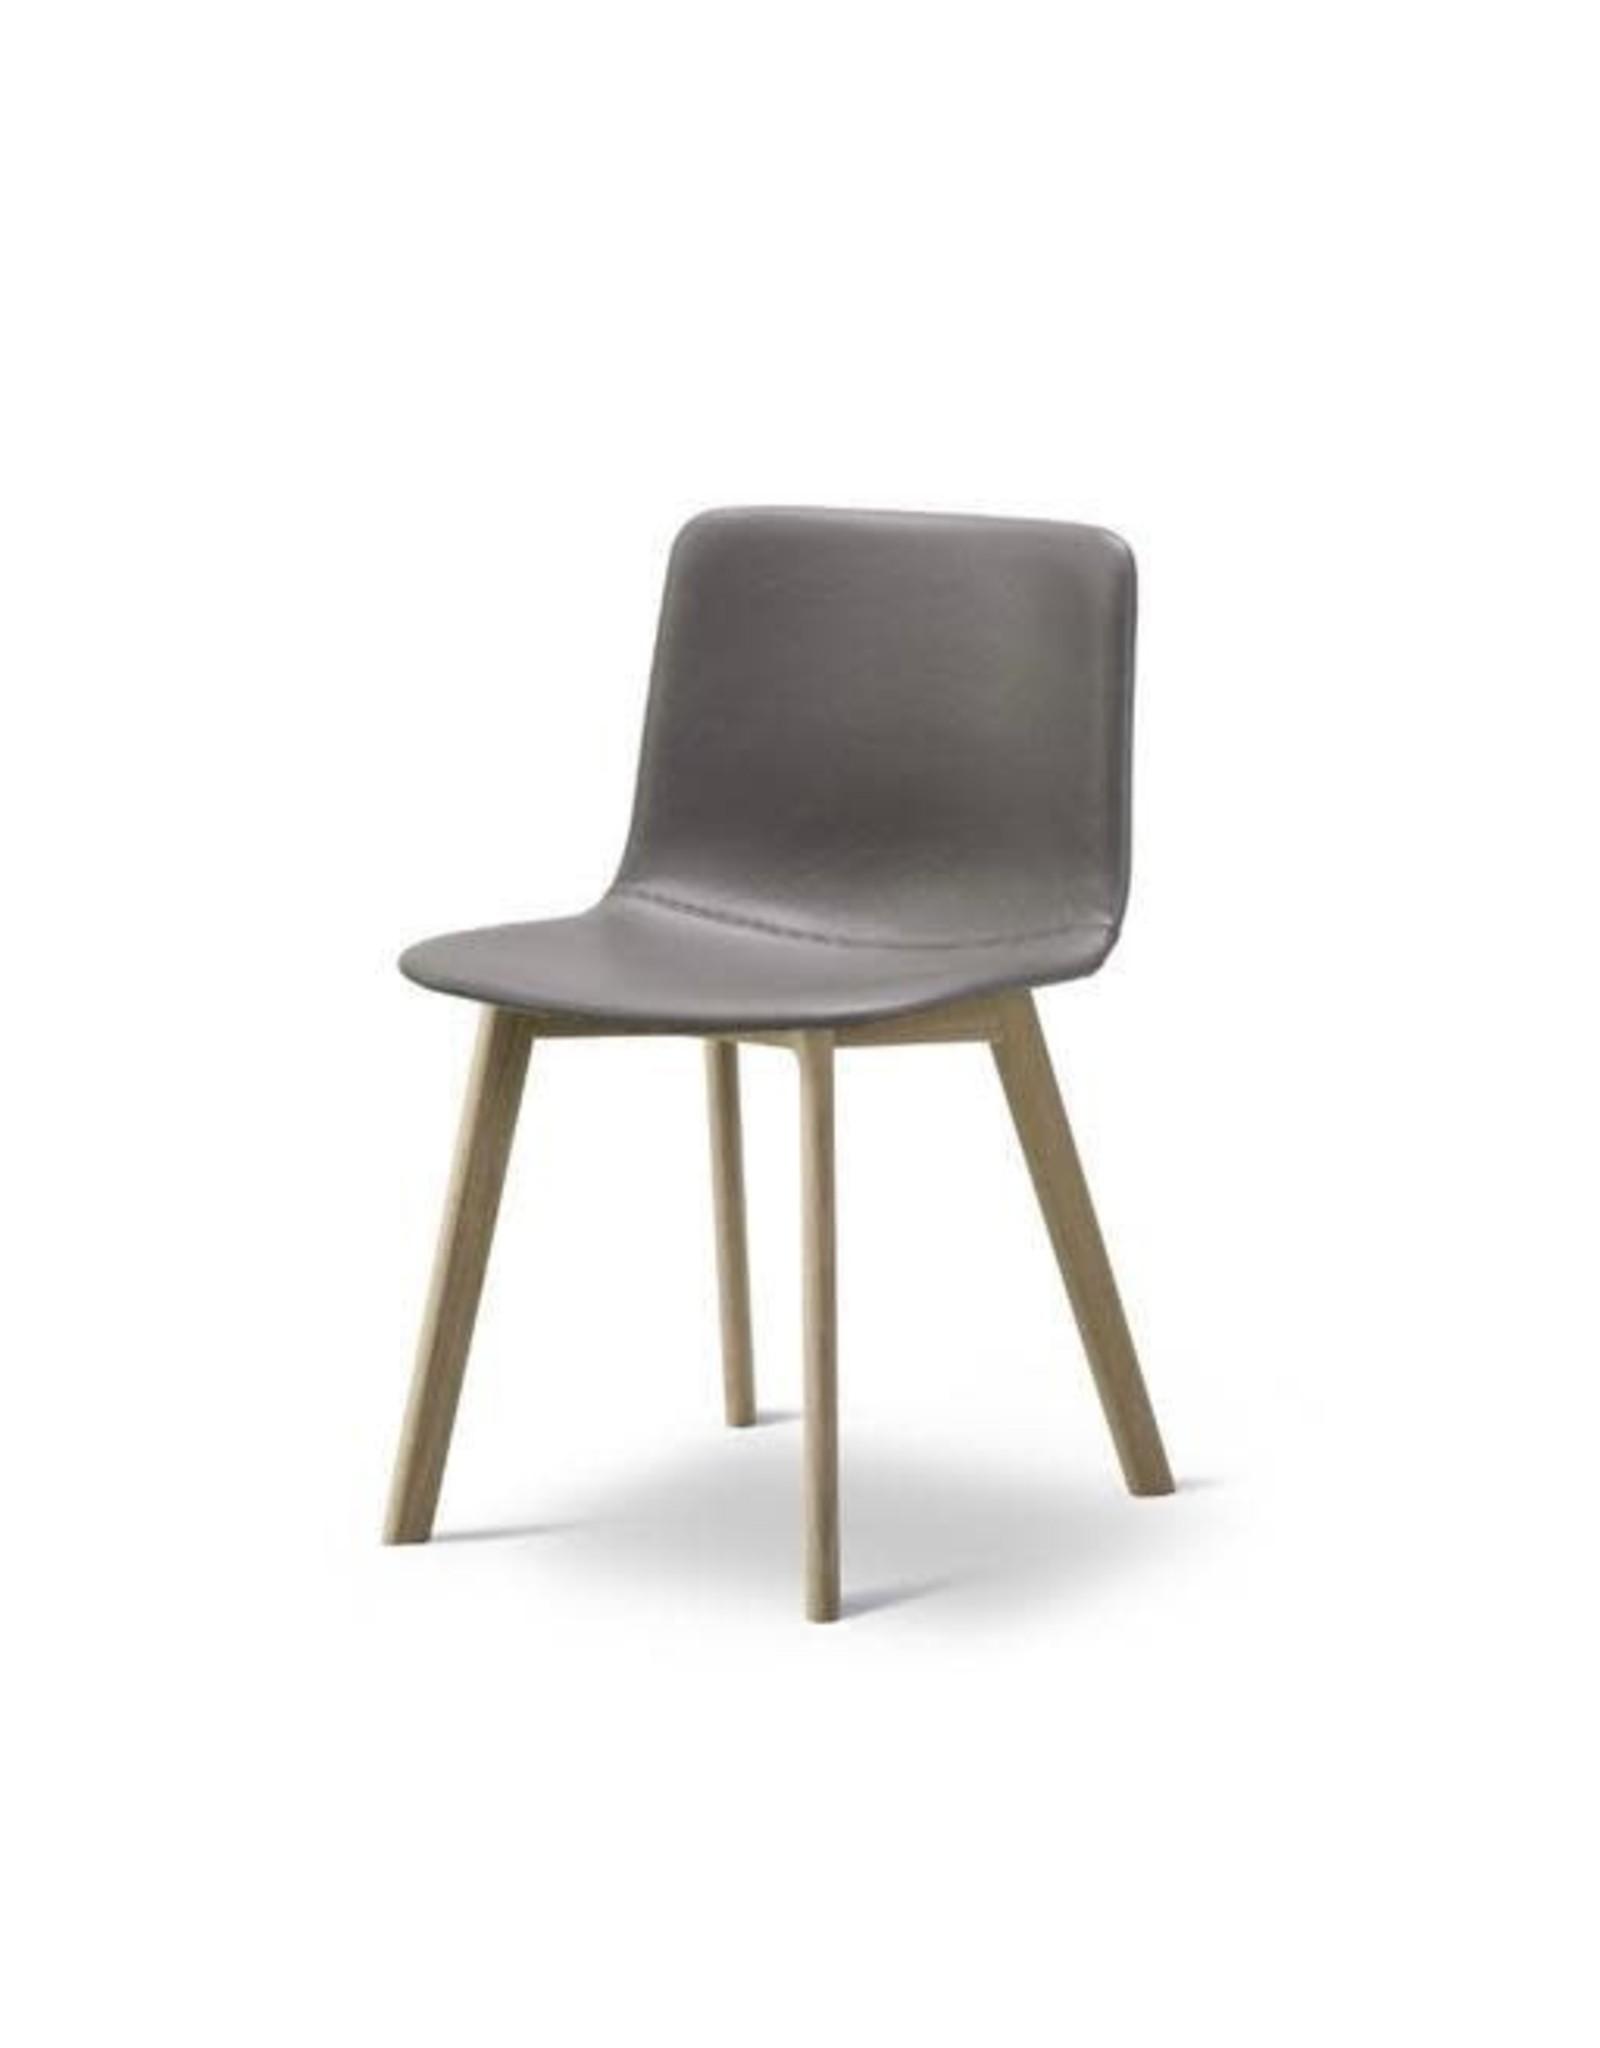 FREDERICIA 4222 PATO 木椅